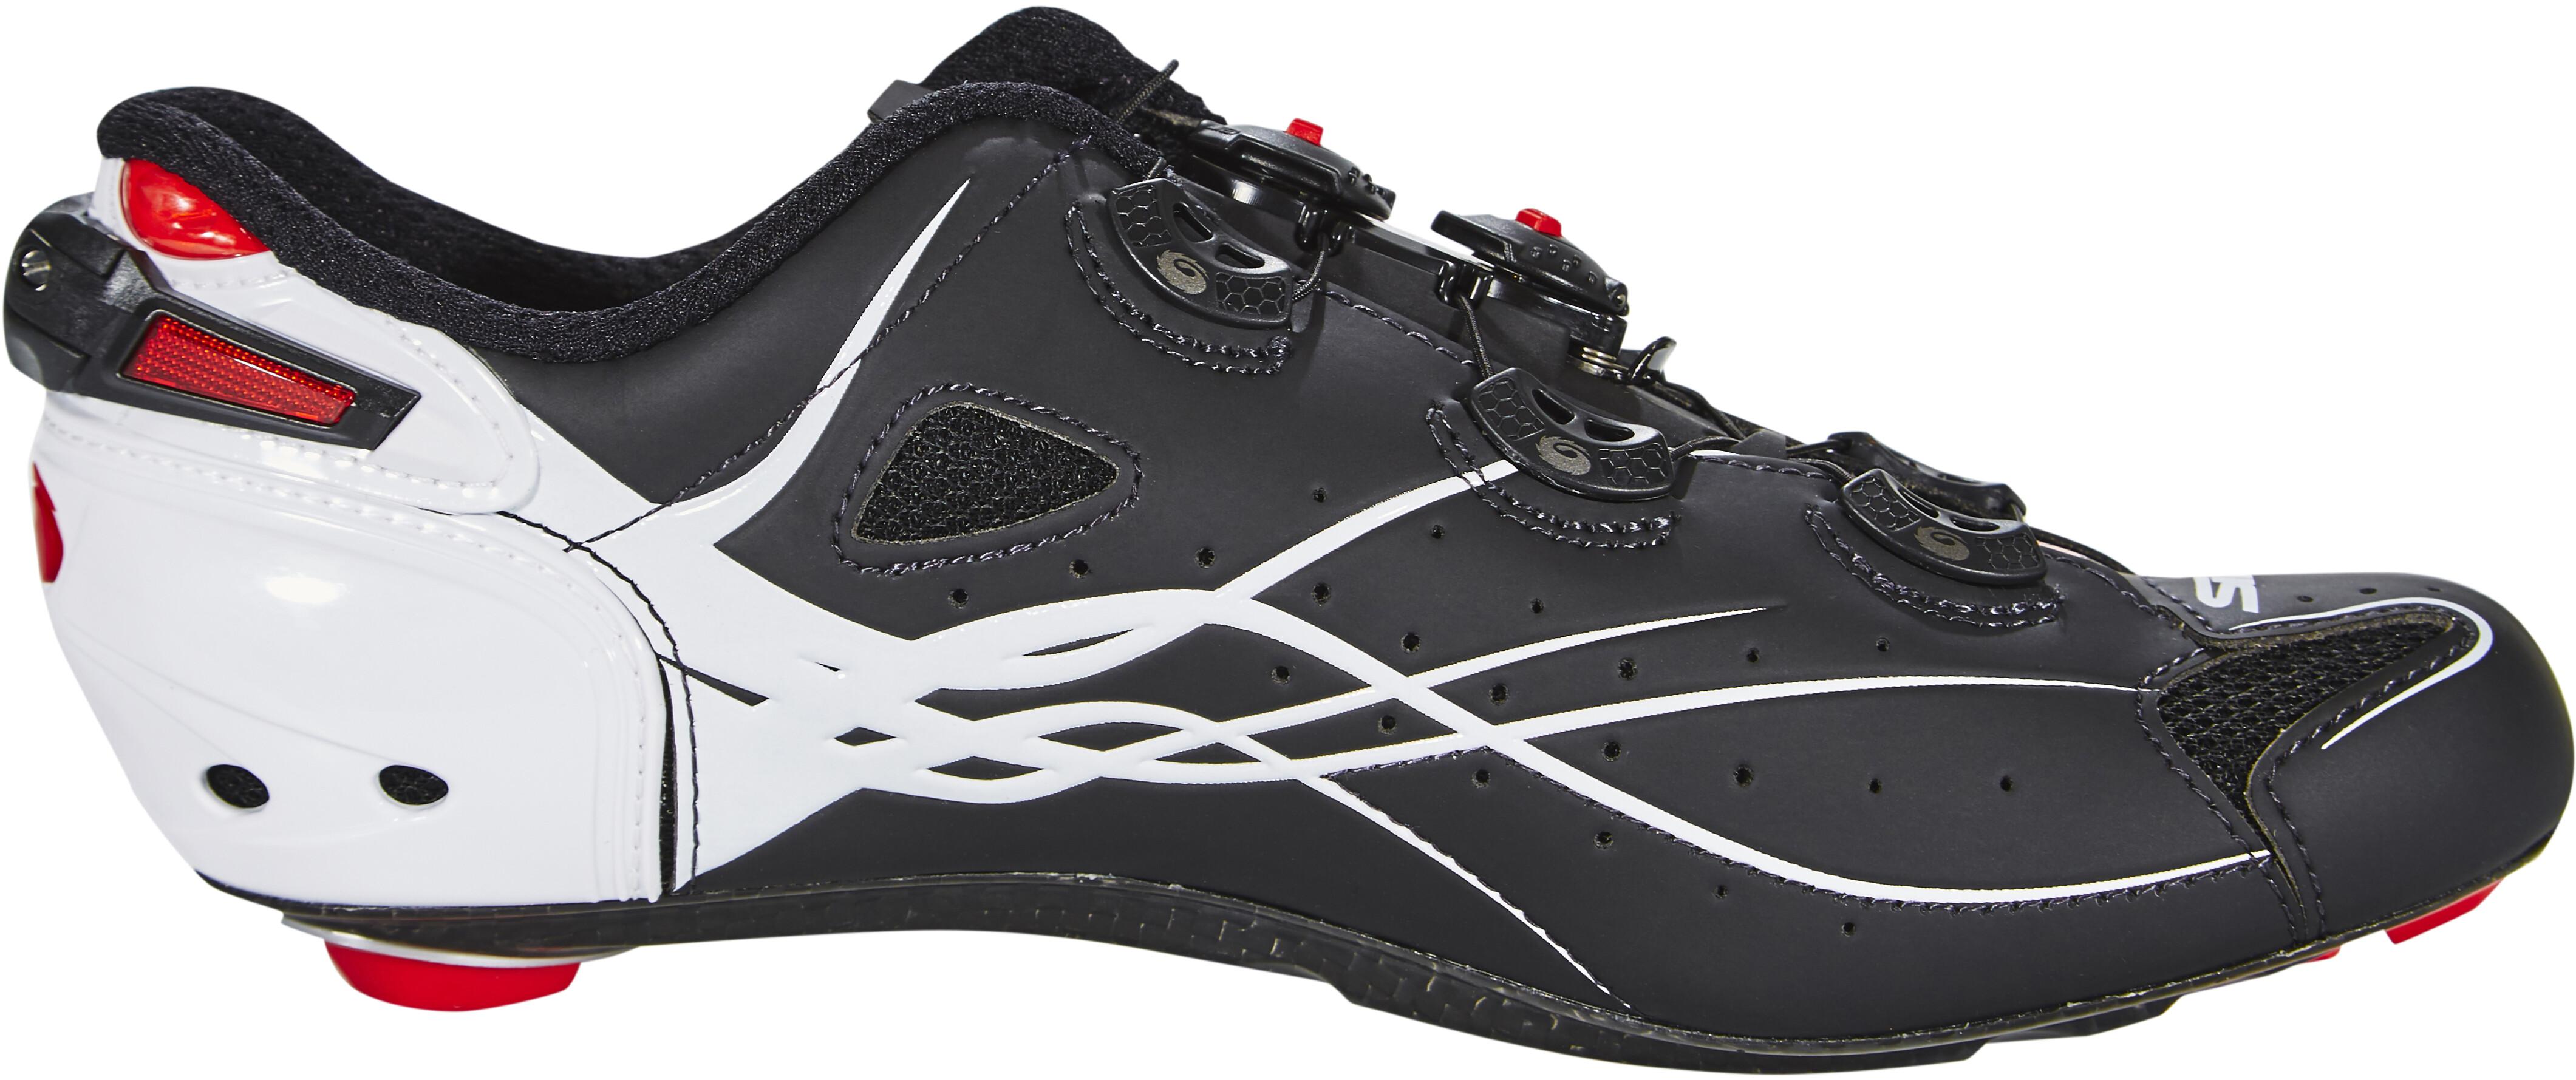 48ac13634 Sidi Shot Shoes Men black at Bikester.co.uk